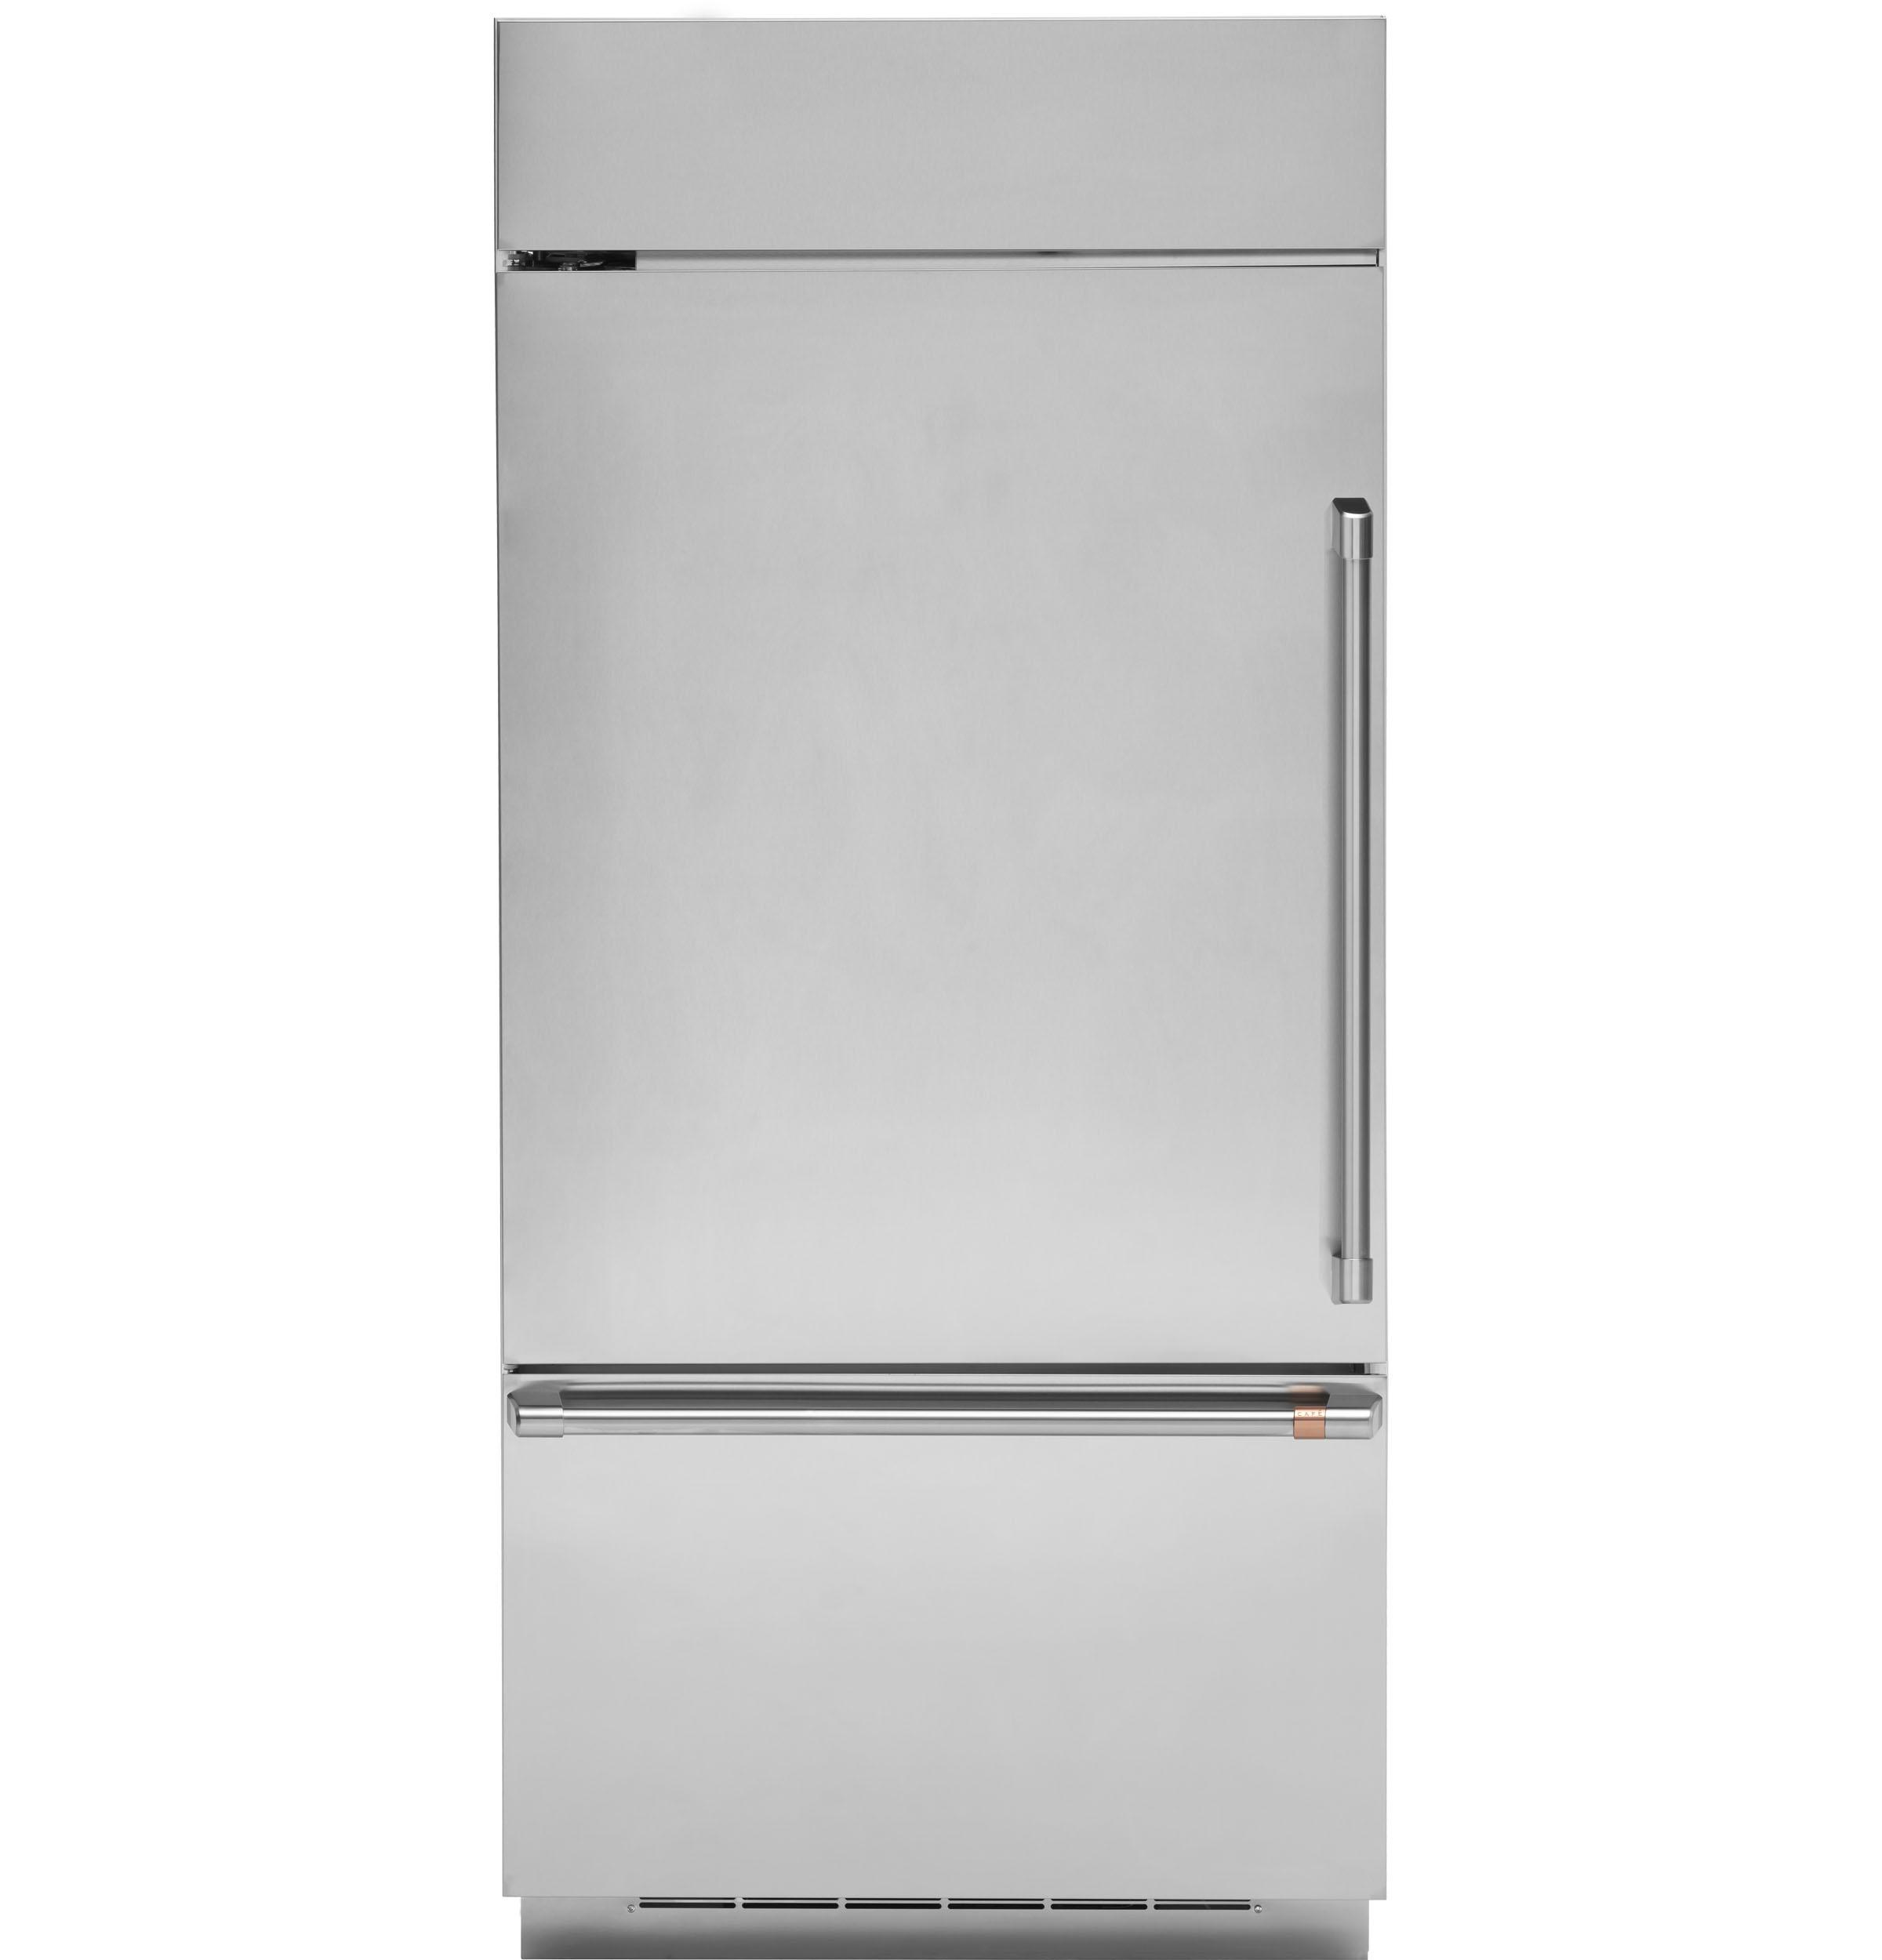 Cafe Café™ 21.3 Cu. Ft. Built-In Bottom-Freezer Refrigerator